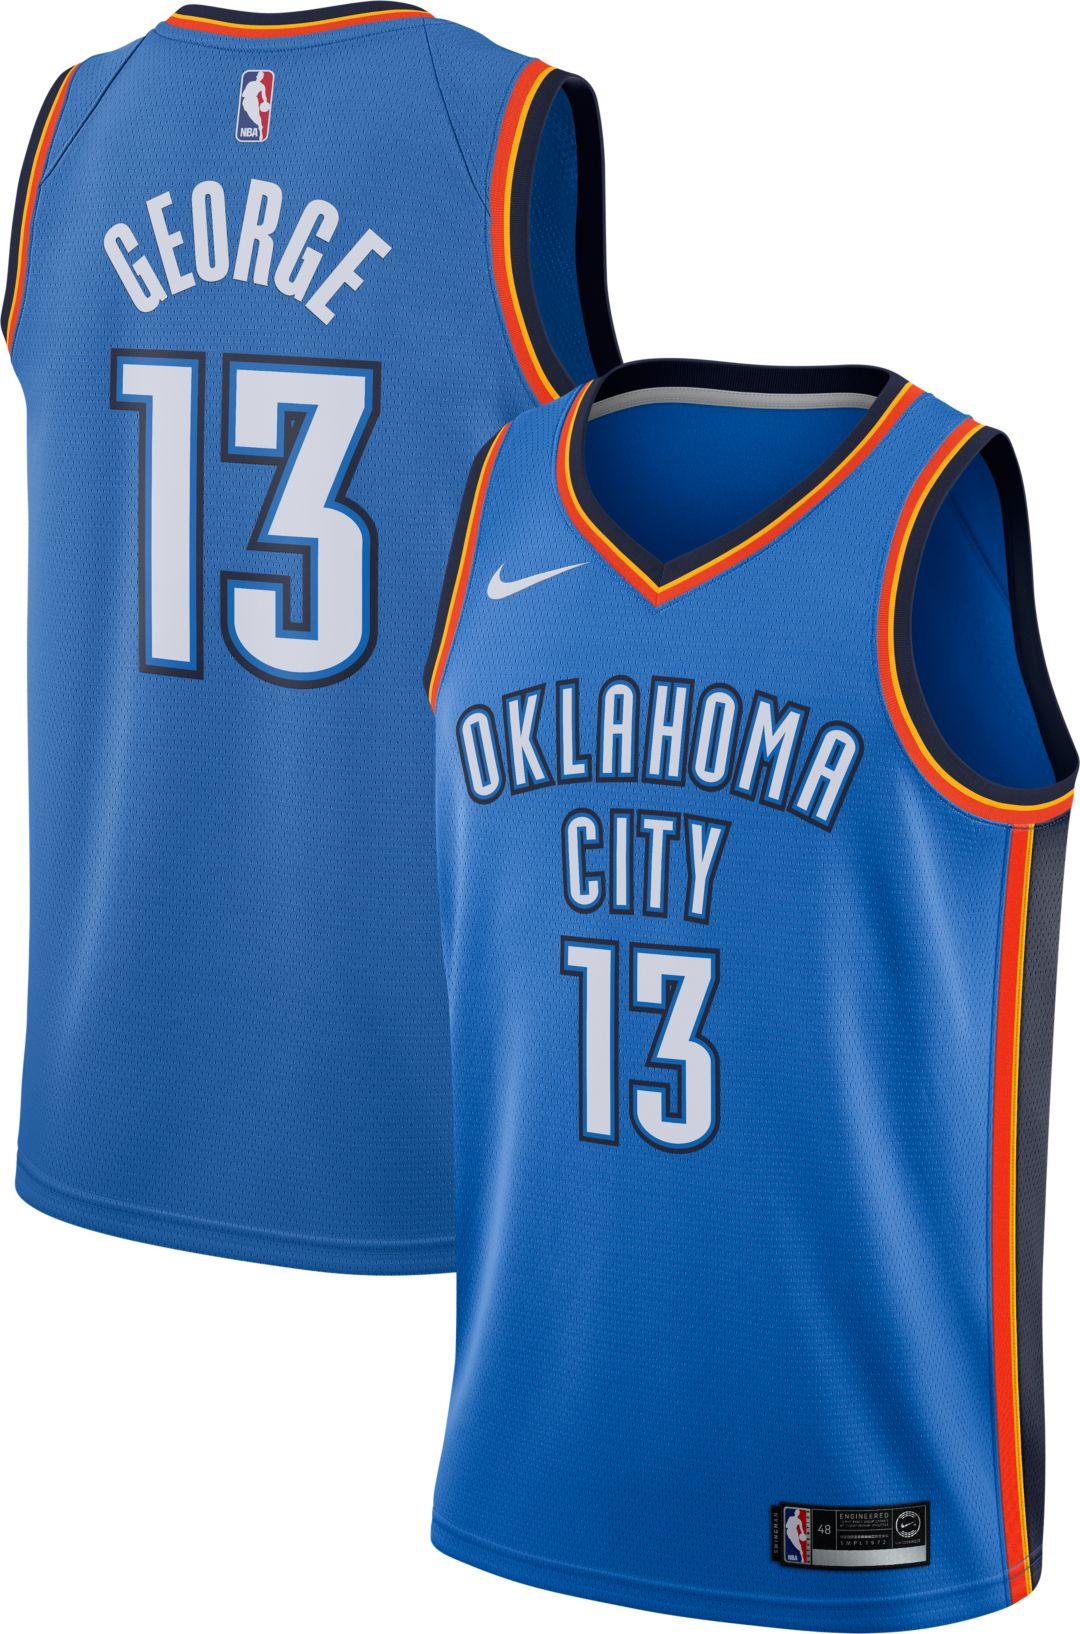 aa58fe7d12b Nike Men's Oklahoma City Thunder Paul George #13 Blue Dri-FIT Swingman  Jersey 1